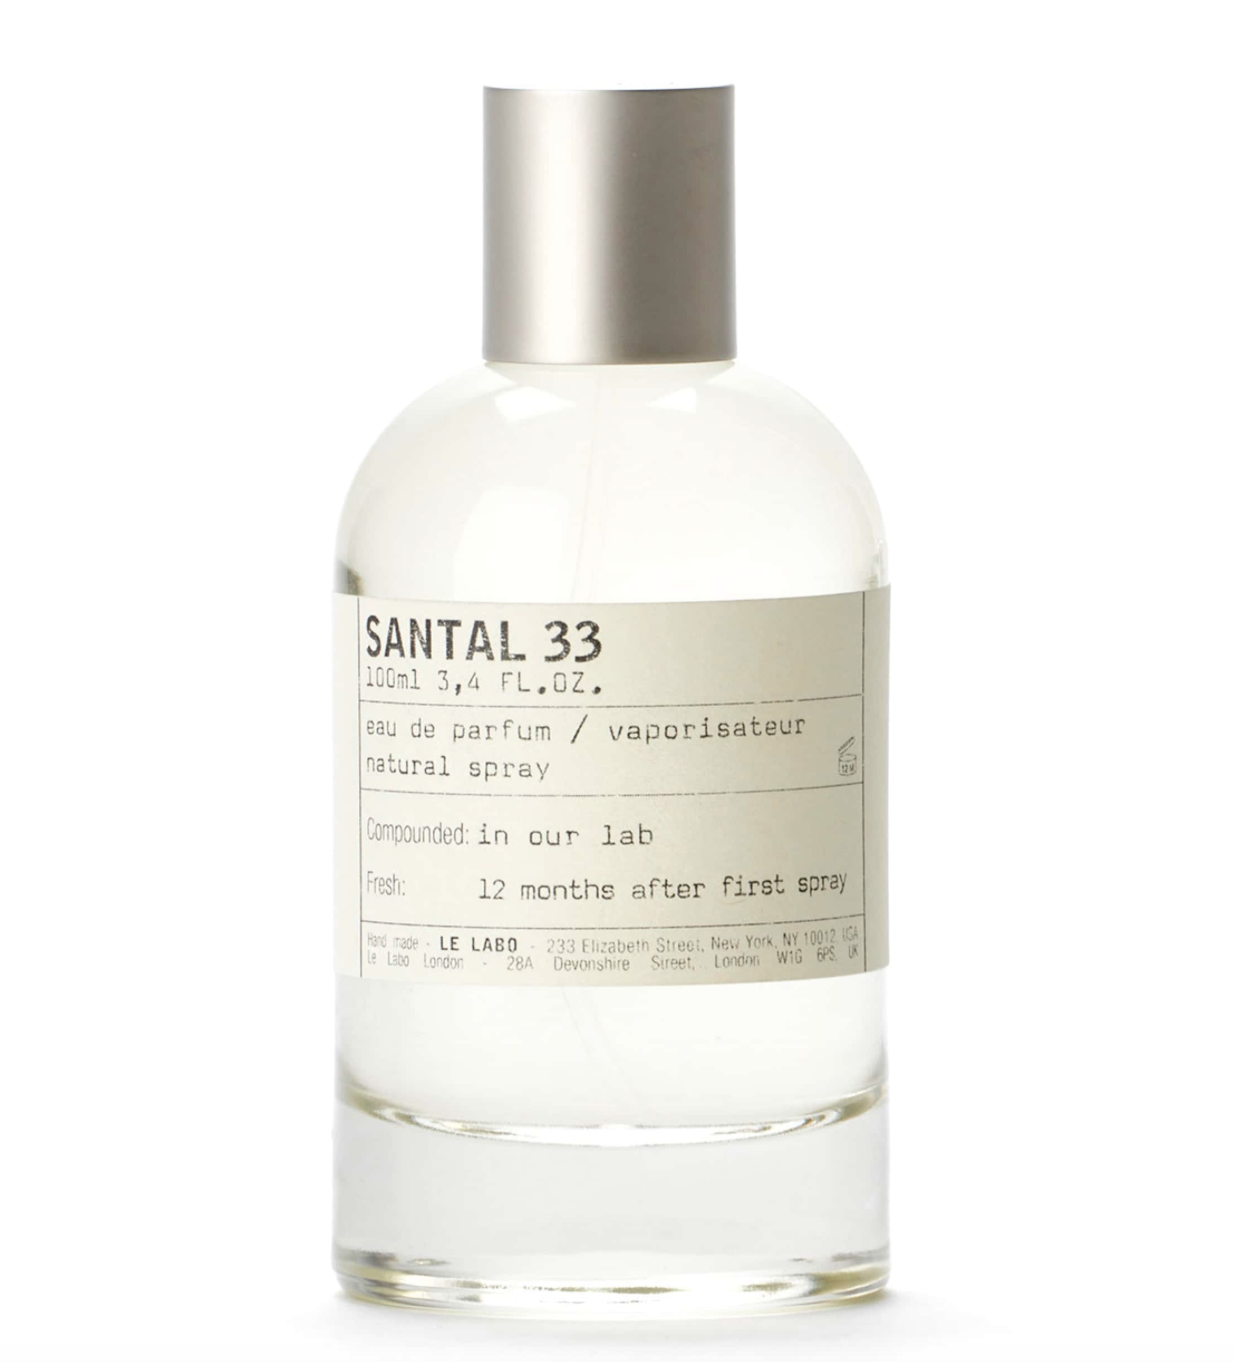 Le Labo - Santal 33